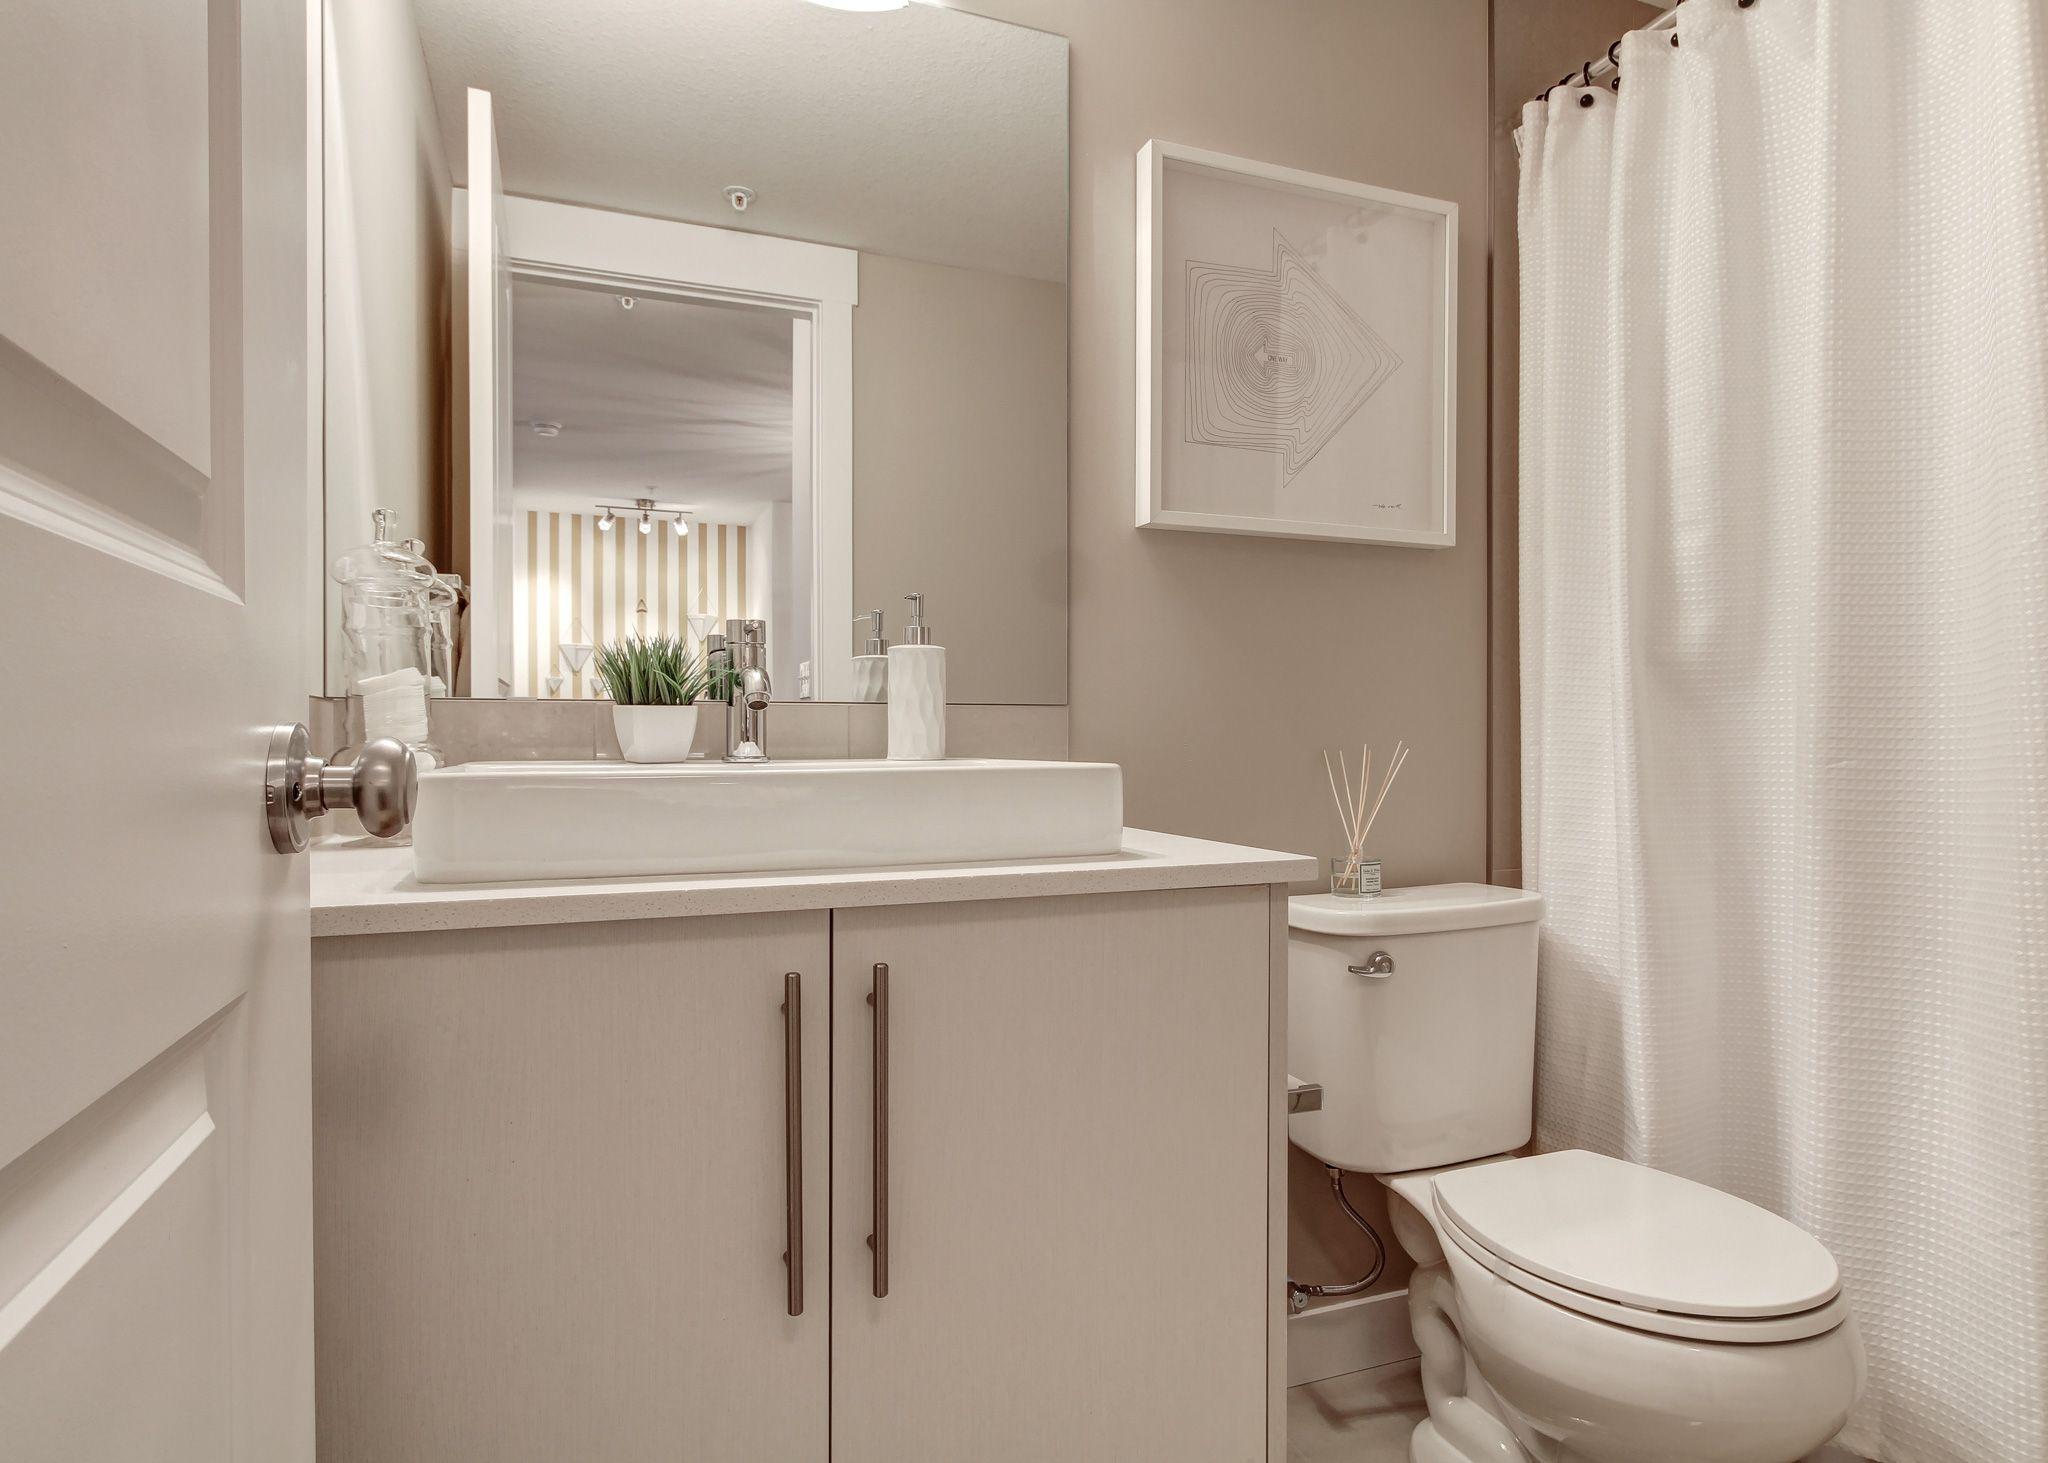 Pin By Mandy Cooper On La Casa Grey Bathroom Vanity 2015